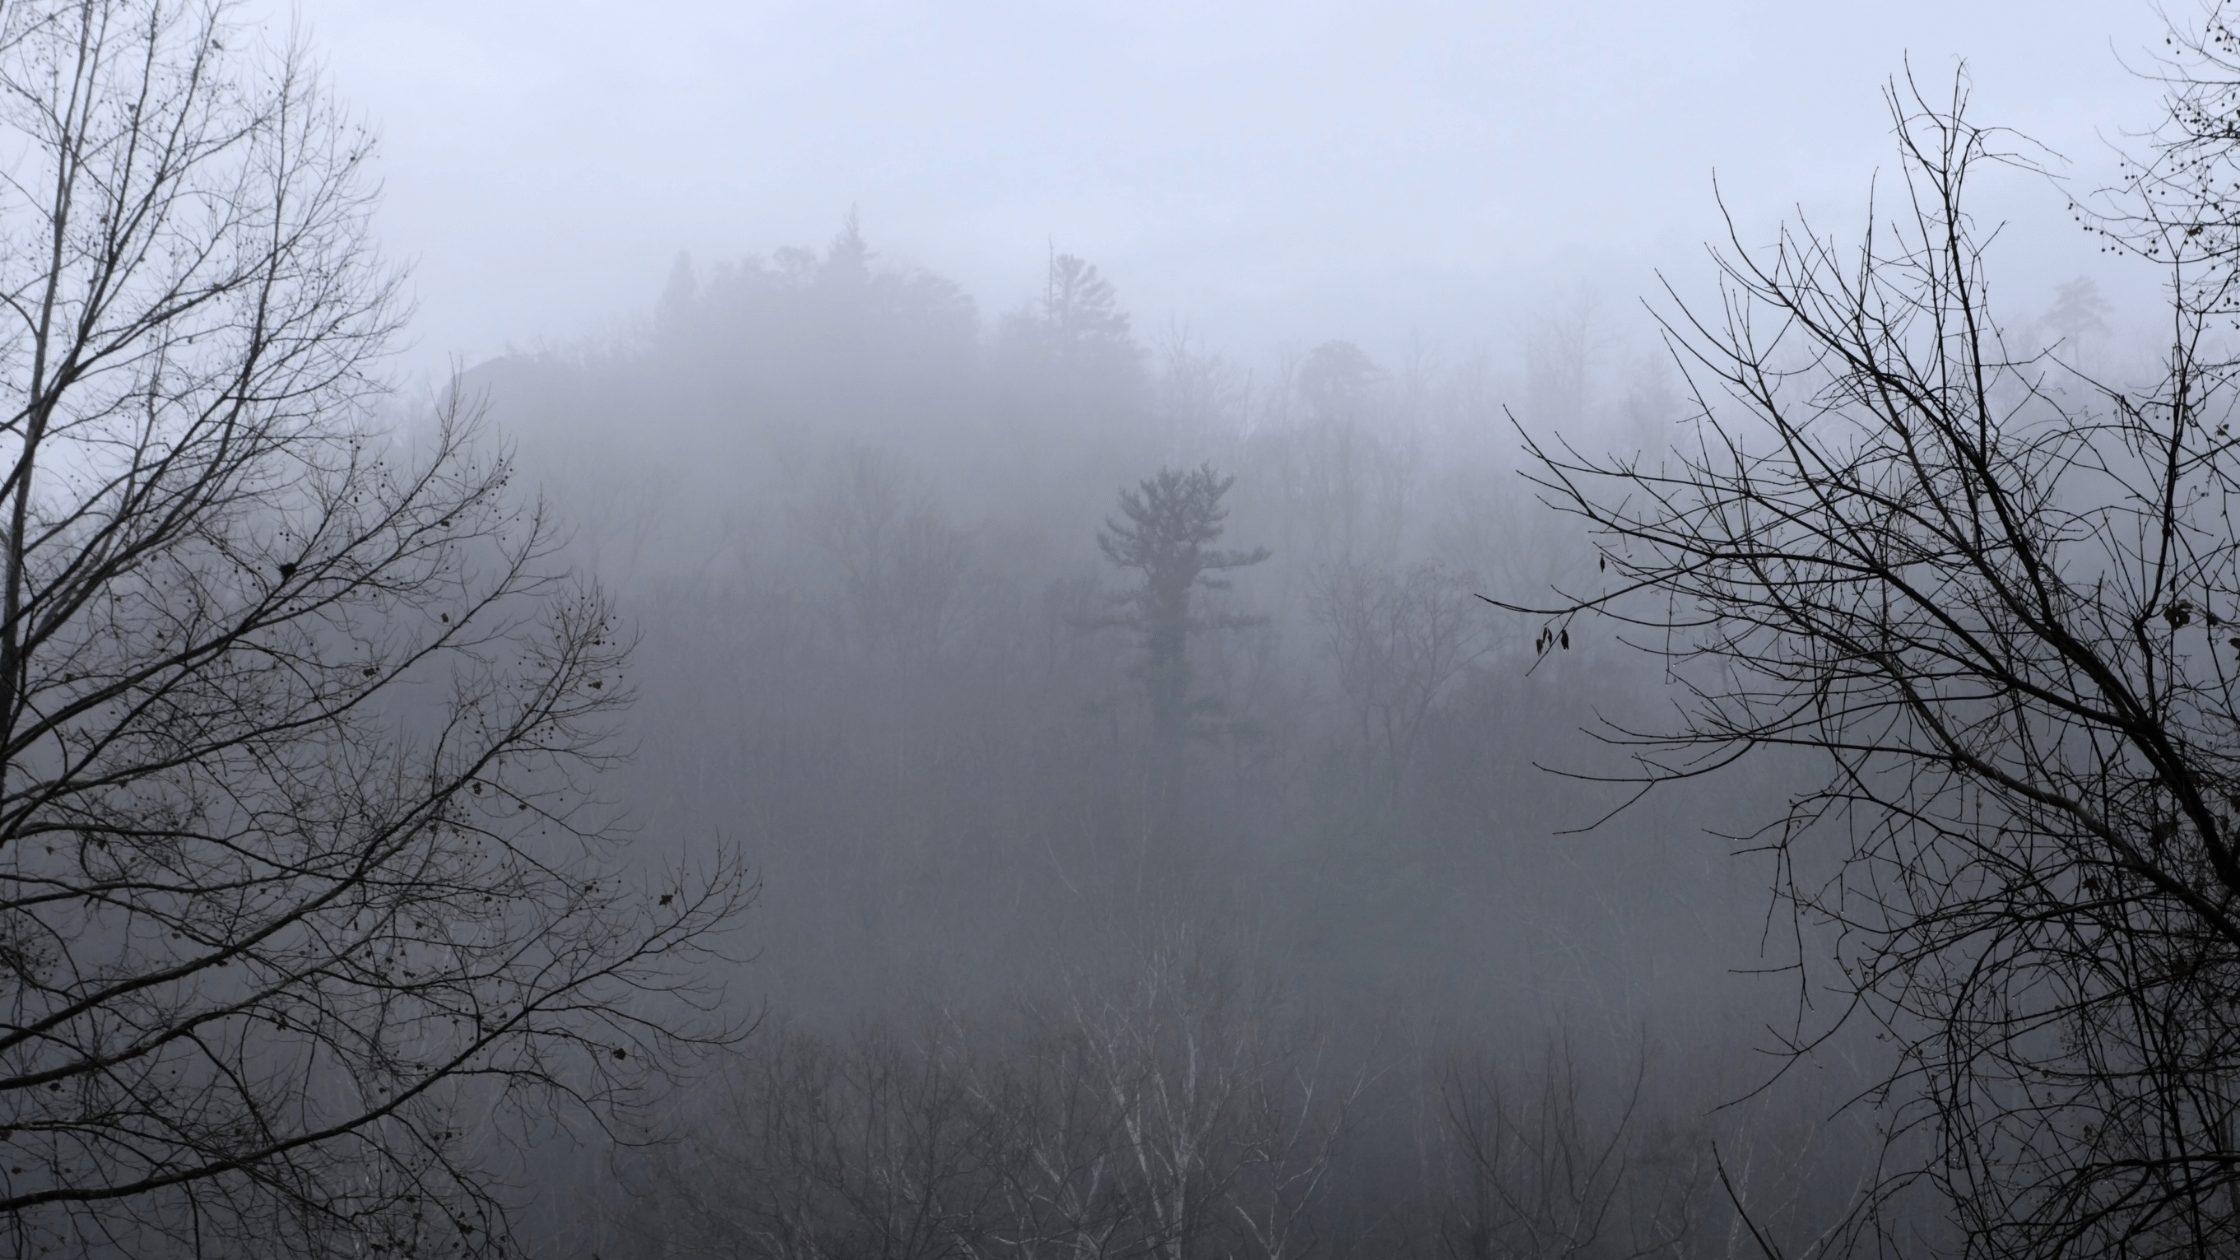 Fog overshadowing gray skies